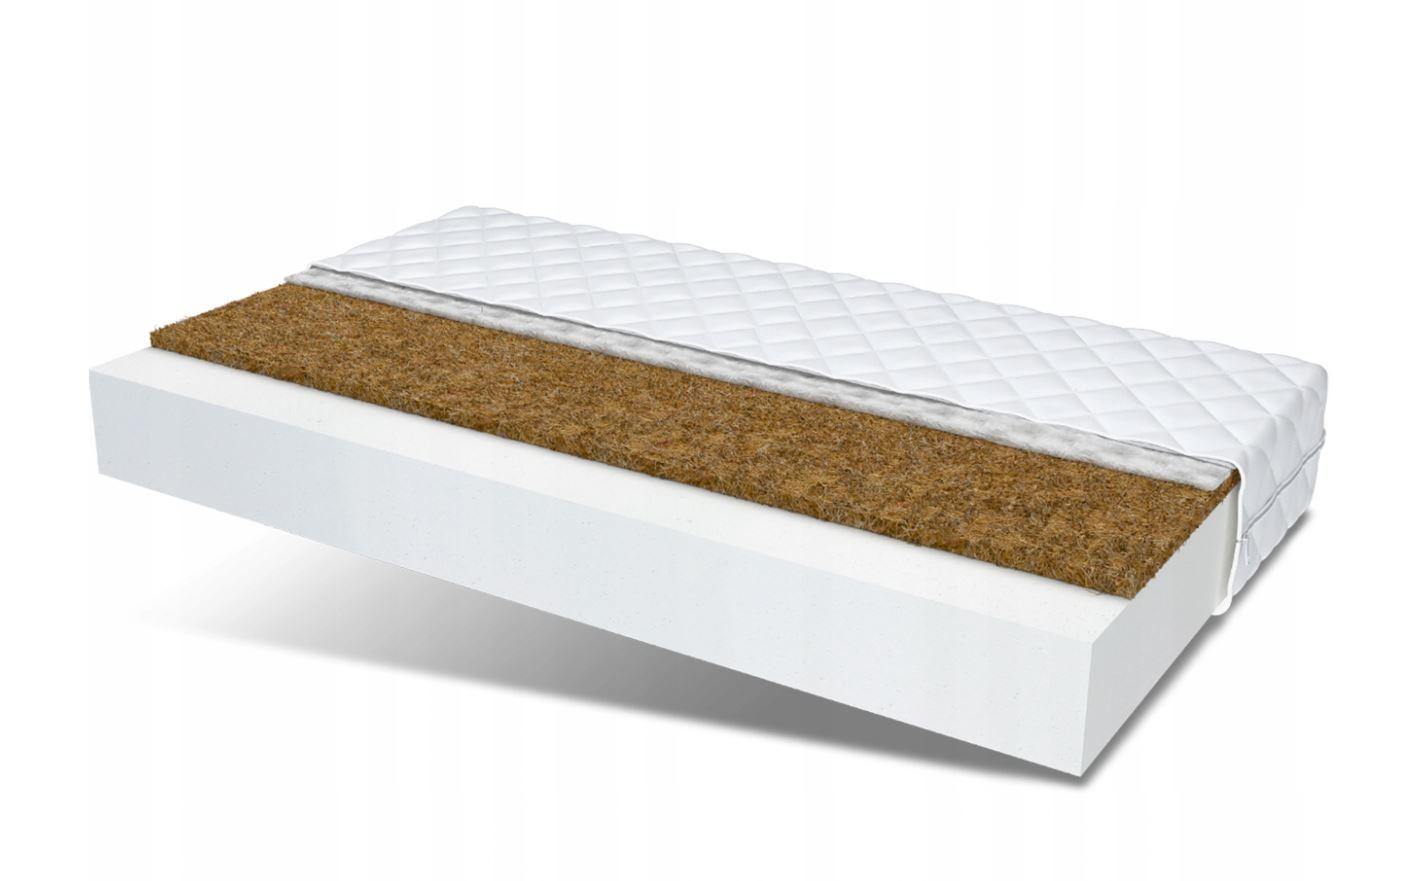 Dětská matrace Classic s kokosem 120x60x9 cm